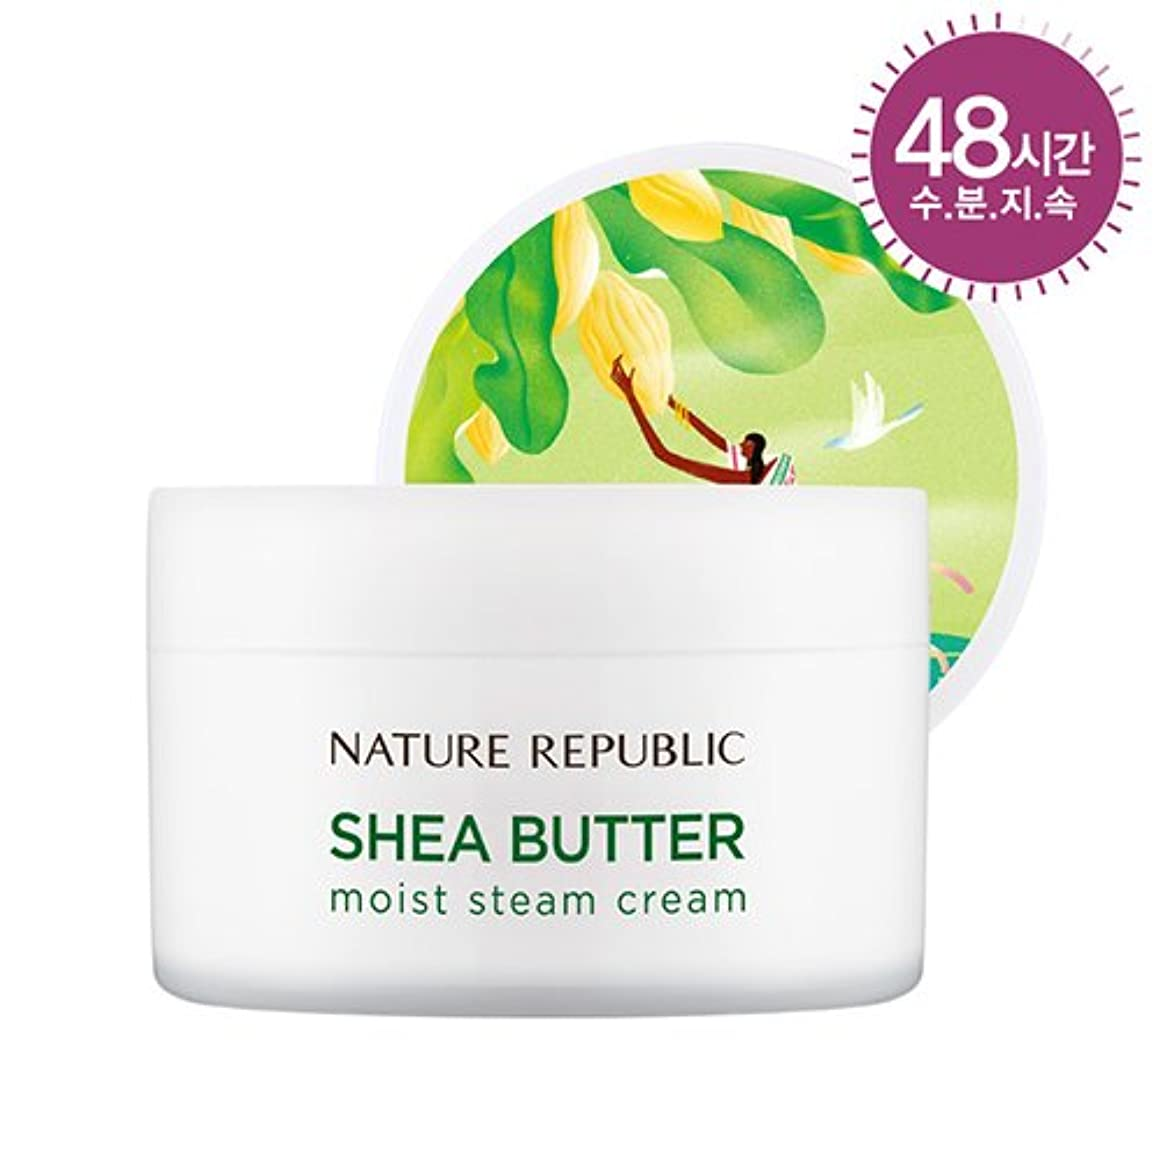 依存する抜本的な裁判所[ネイチャーリパブリック] NATURE REPUBLIC [スチームクリーム 100ml] (Shea Butter Steam Cream 100ml) (02 Moist Steam Cream) [並行輸入品]